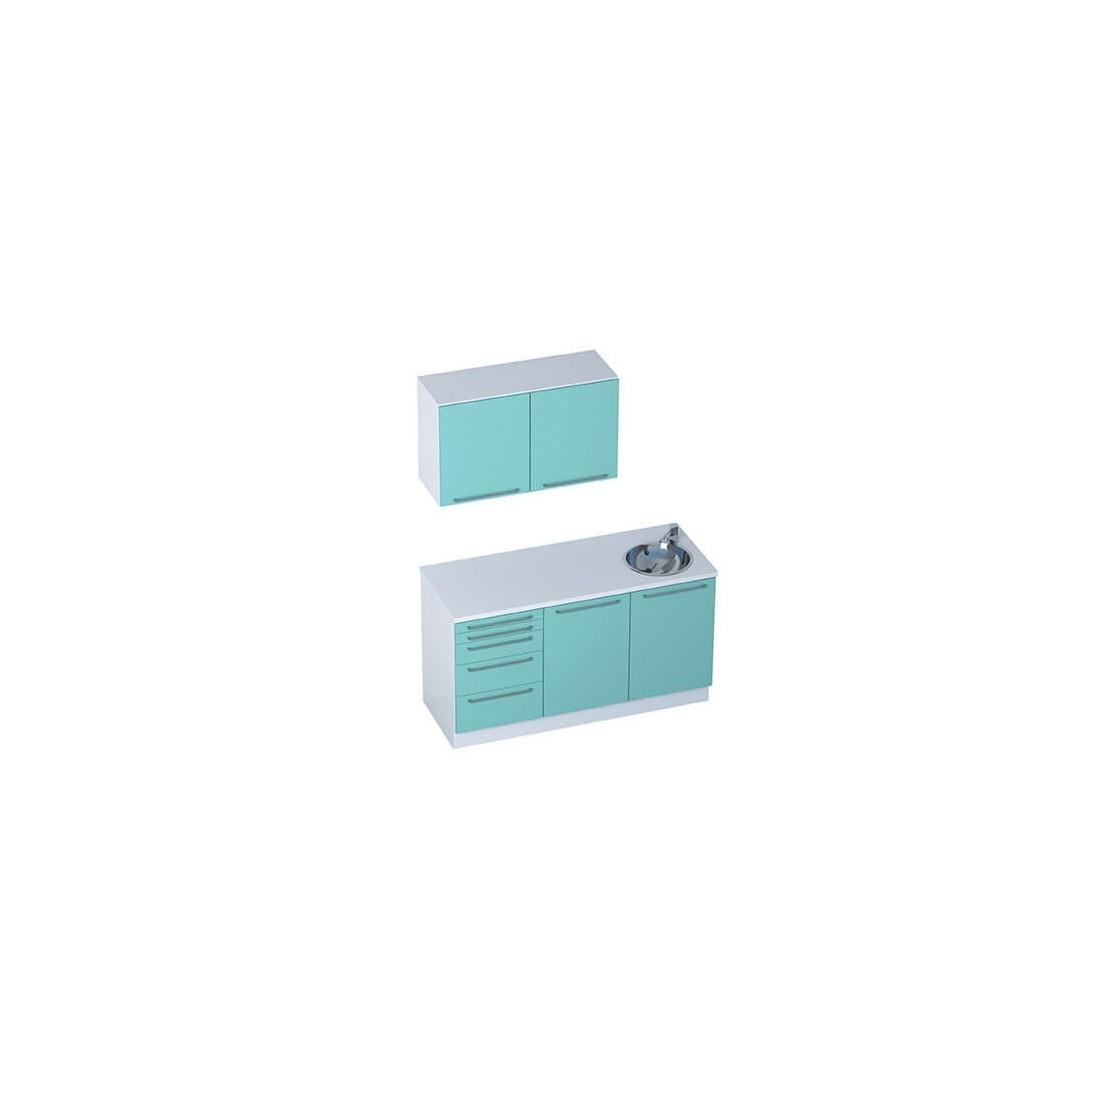 mobilier m dical module smart meuble haut 2 portes. Black Bedroom Furniture Sets. Home Design Ideas